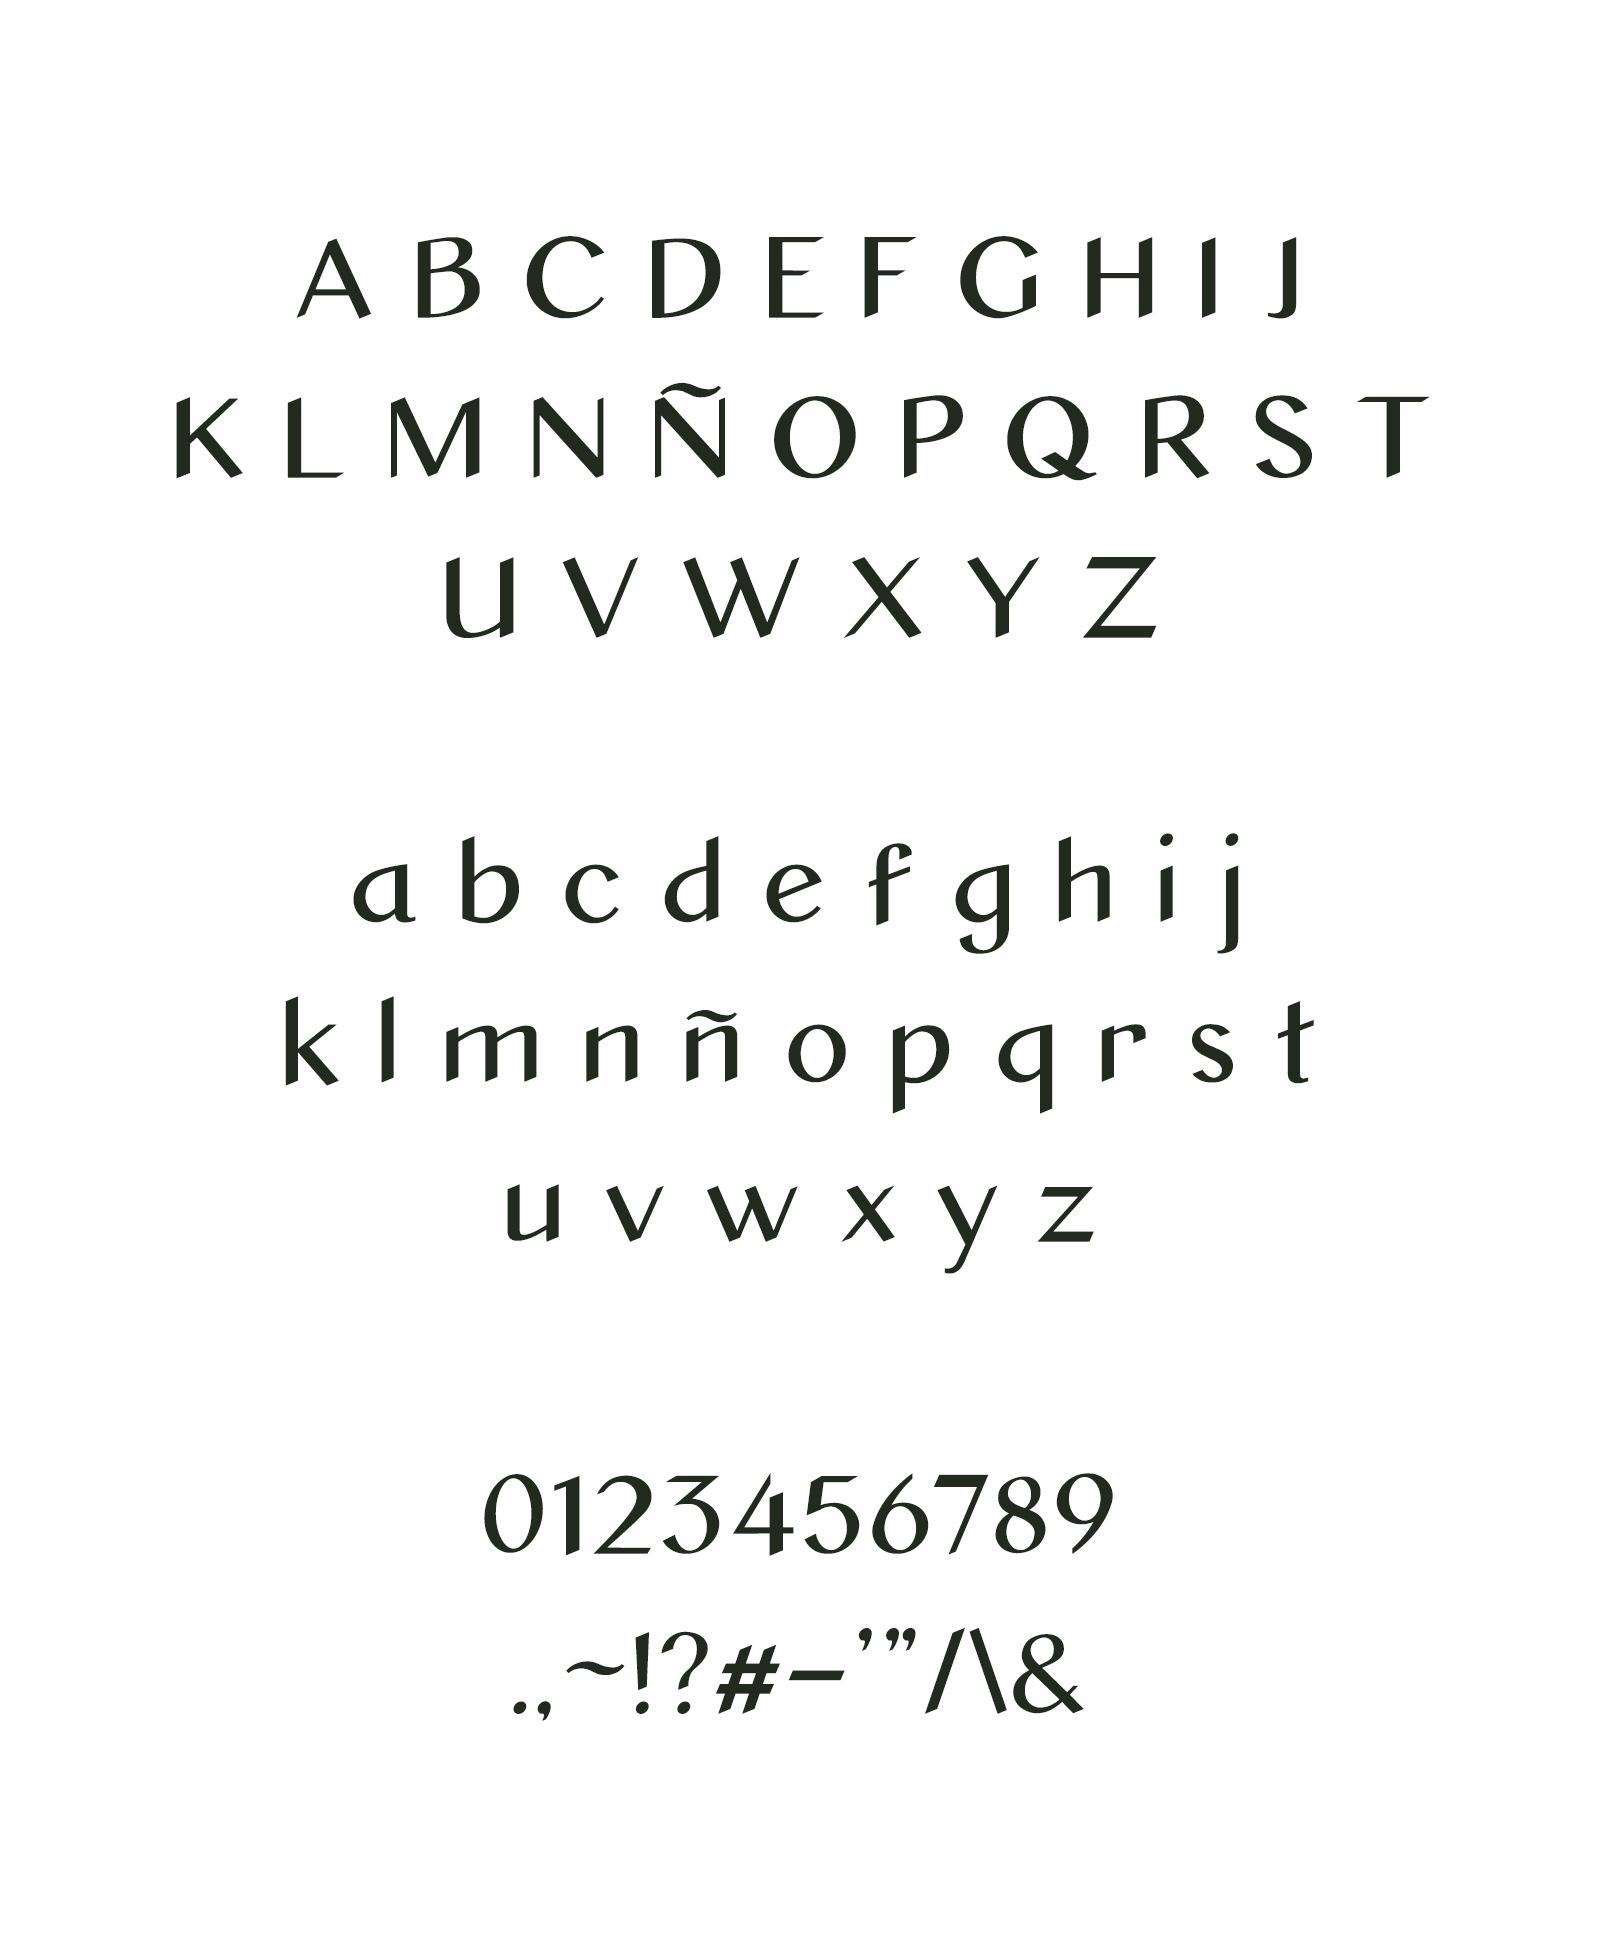 QUEZON Free Font - sans-serif